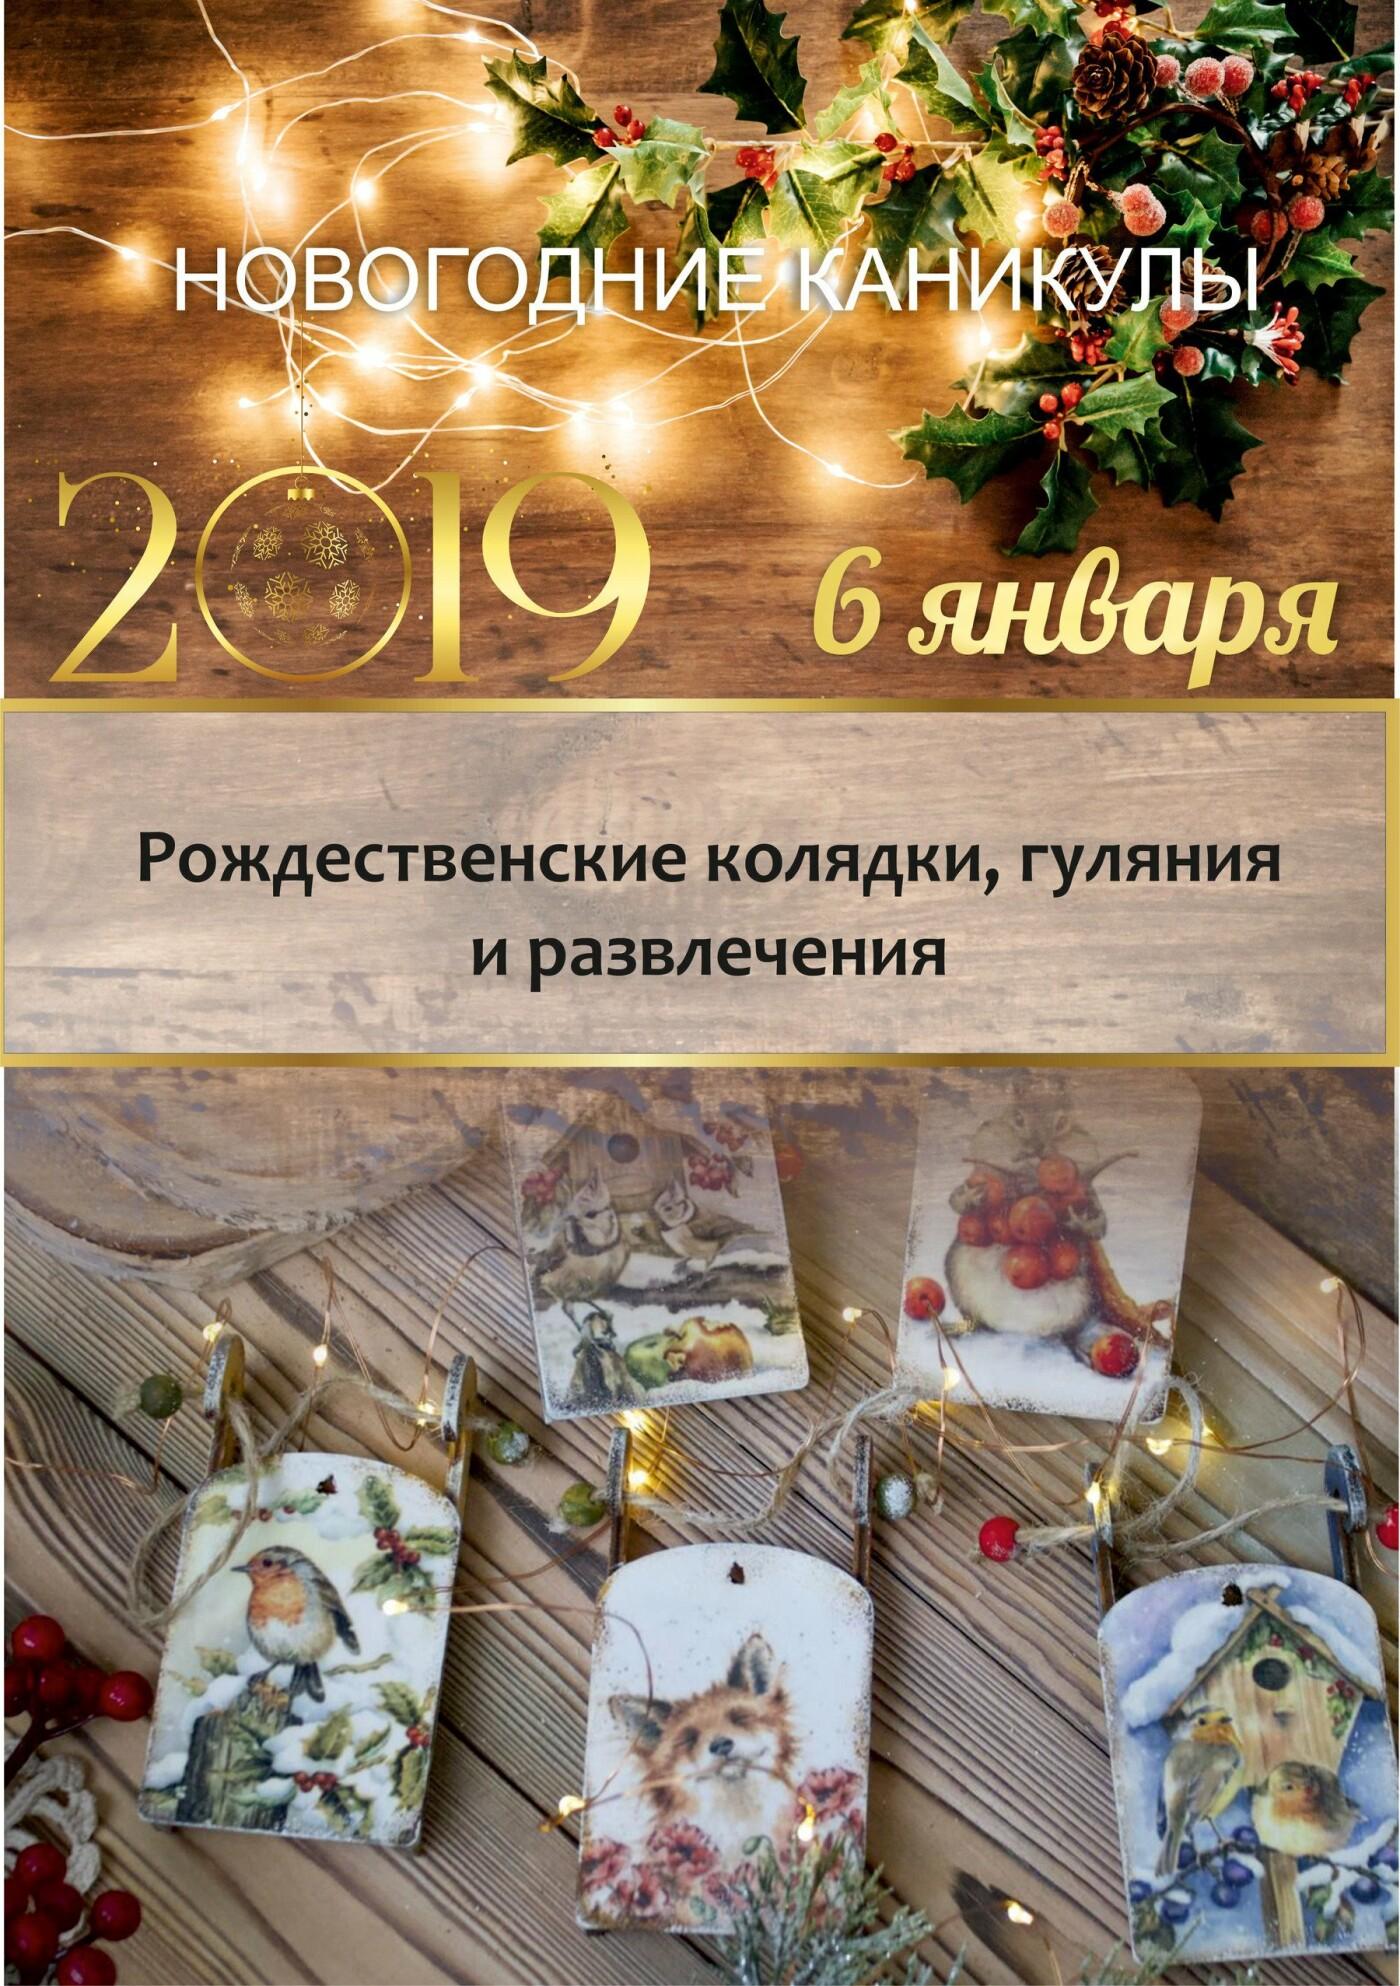 Встречайте Новый год-2019 всей семьей в санатории «Айвазовское»!, фото-8